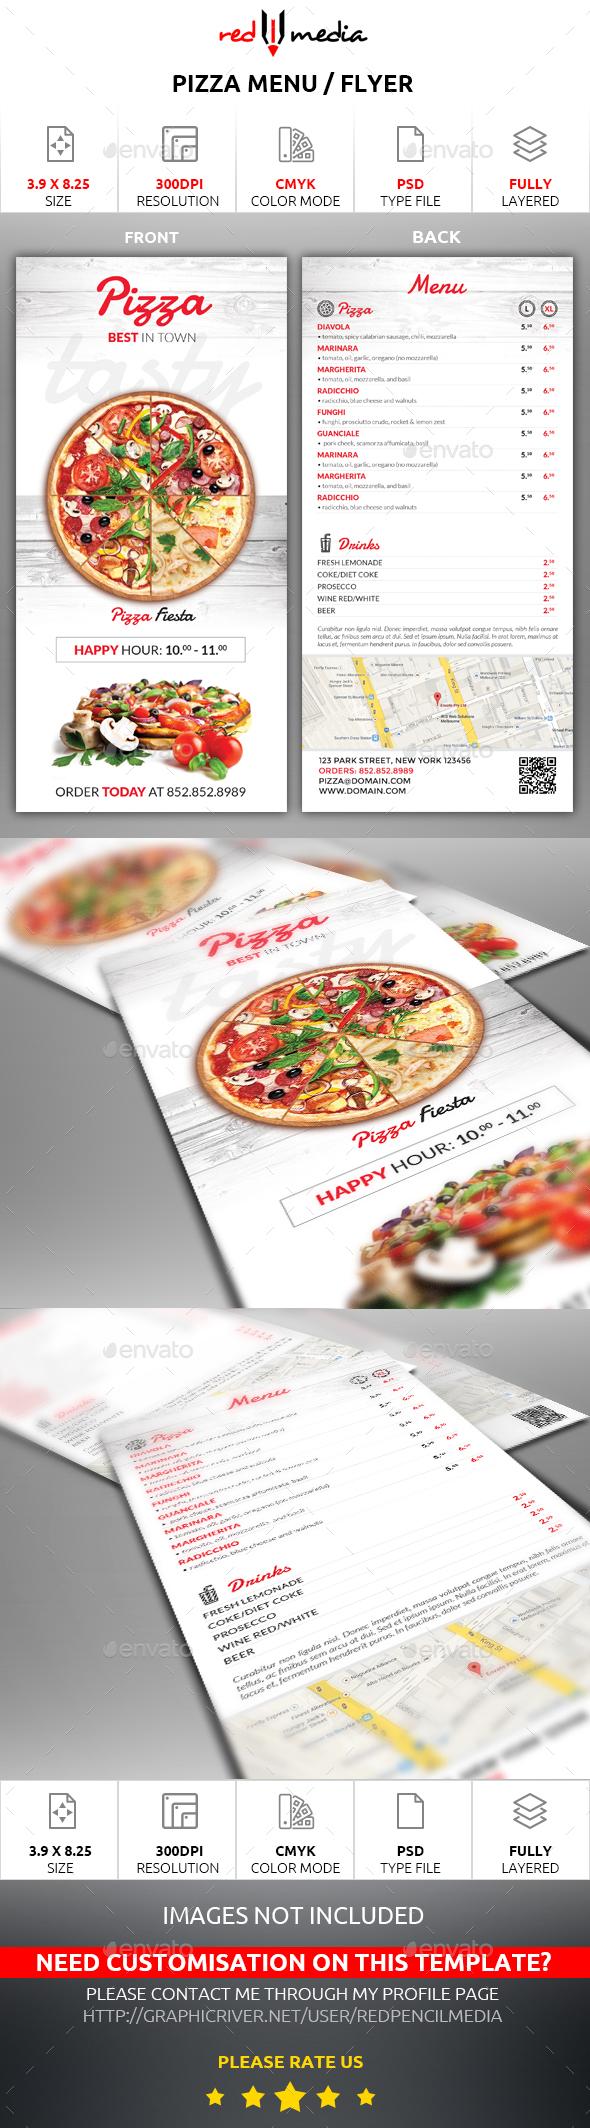 Pizza Menu / Flyer - Restaurant Flyers